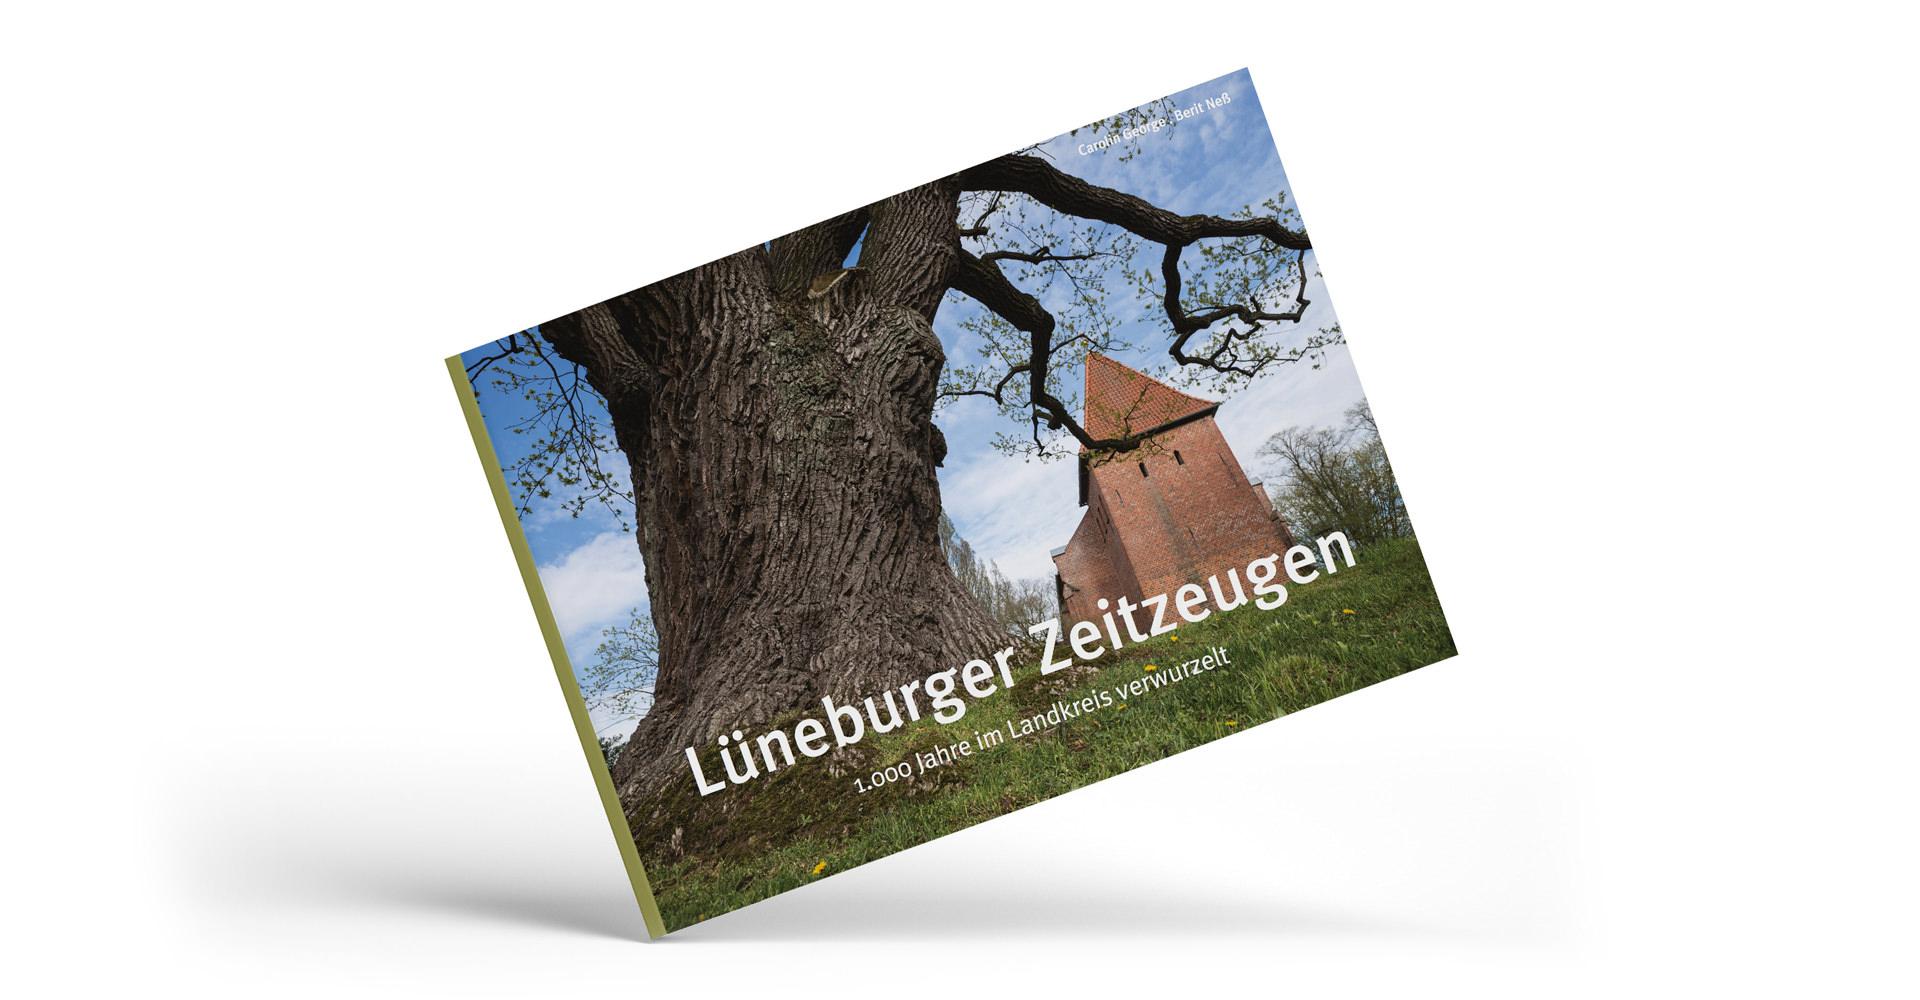 Lüneburger Zeitzeugen